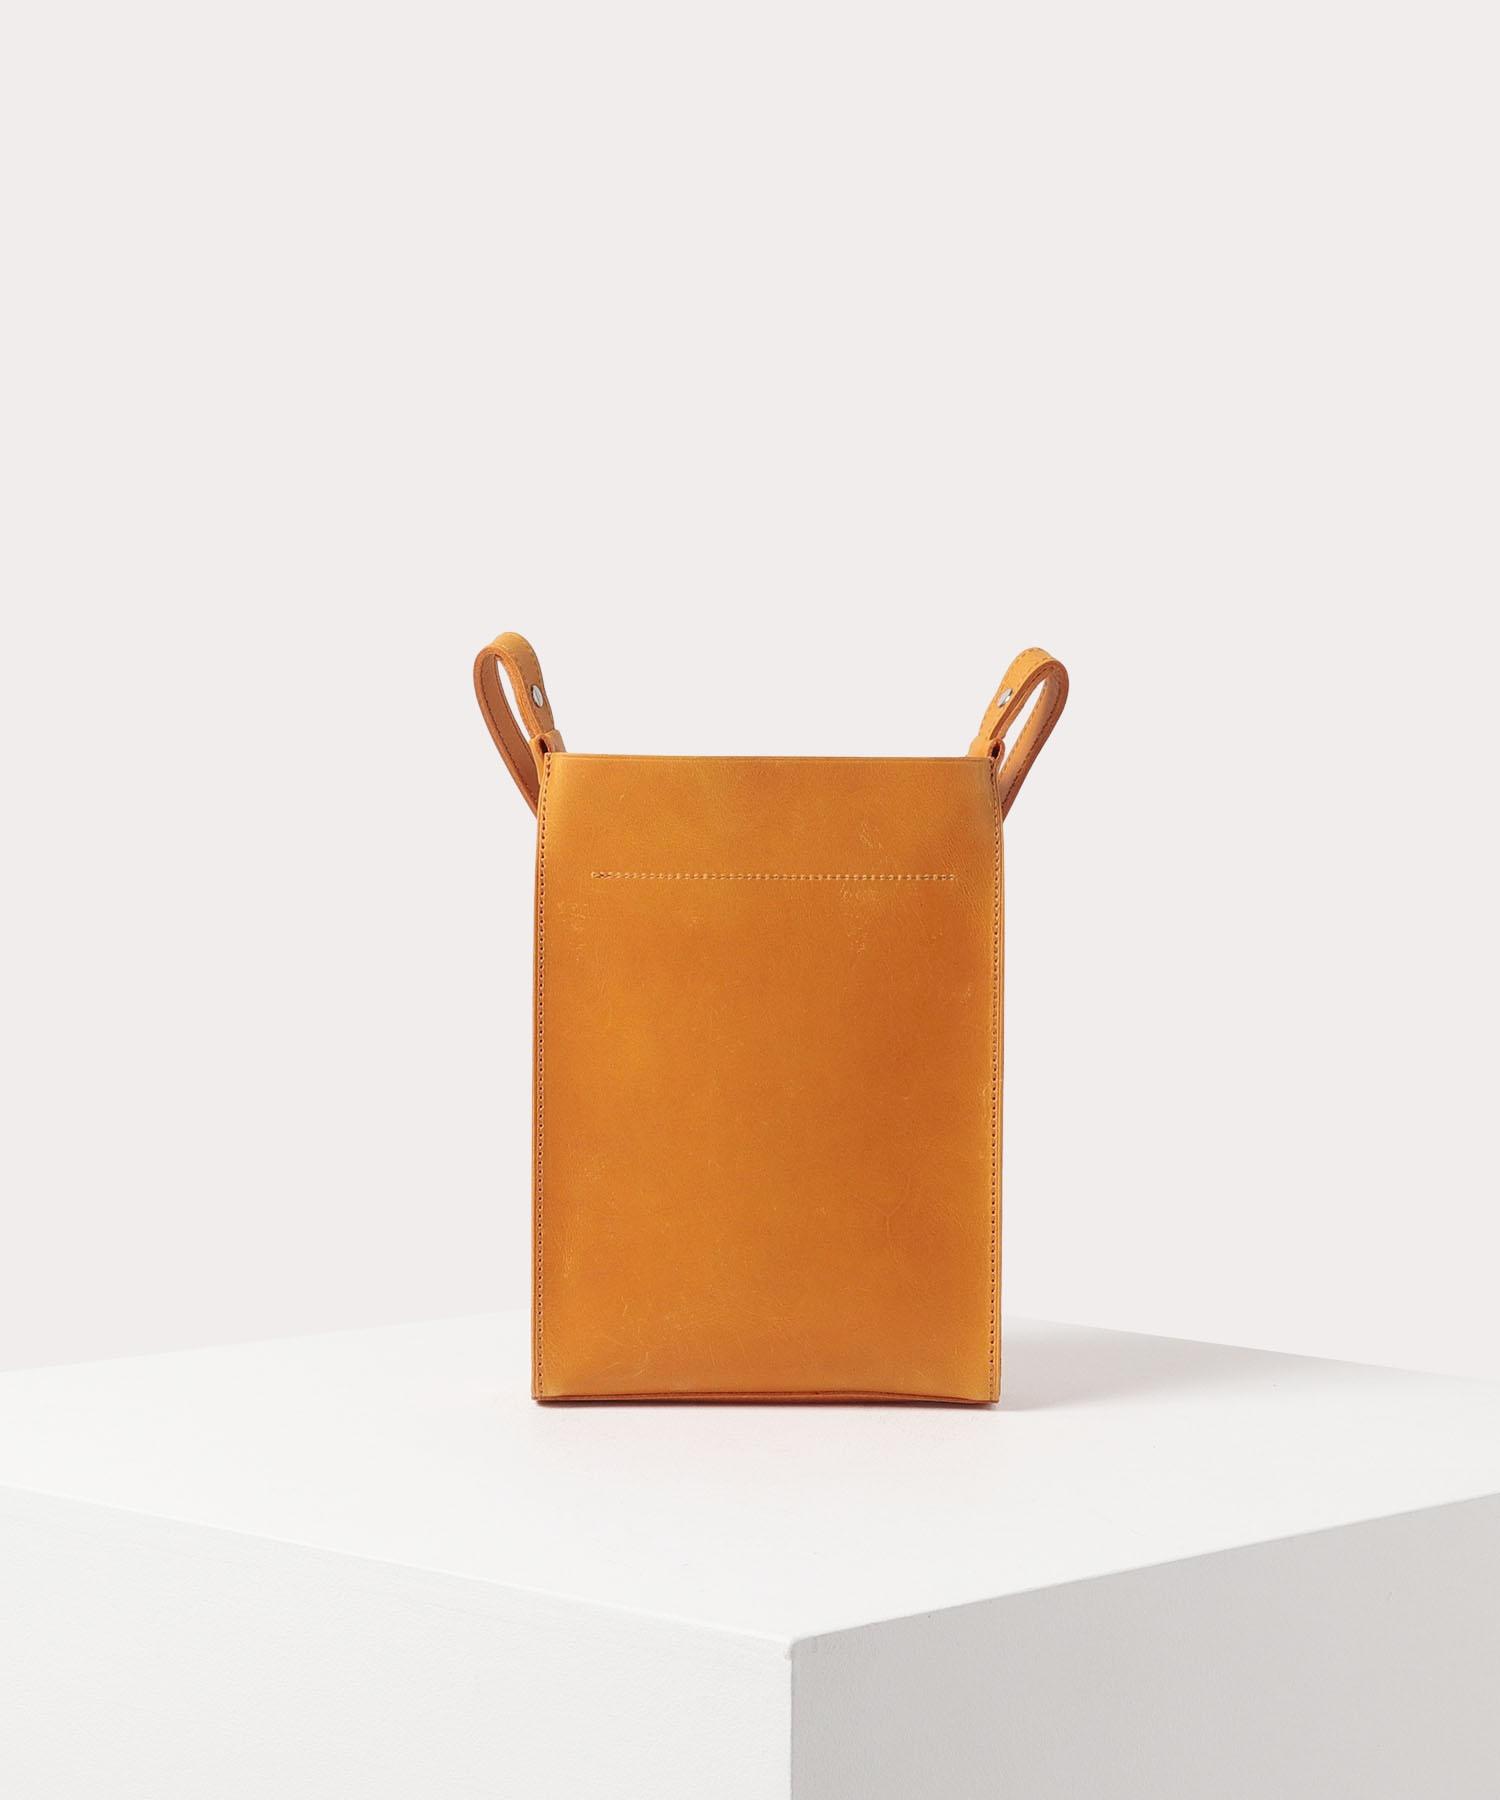 シンプルレザー メンズショルダーバッグ